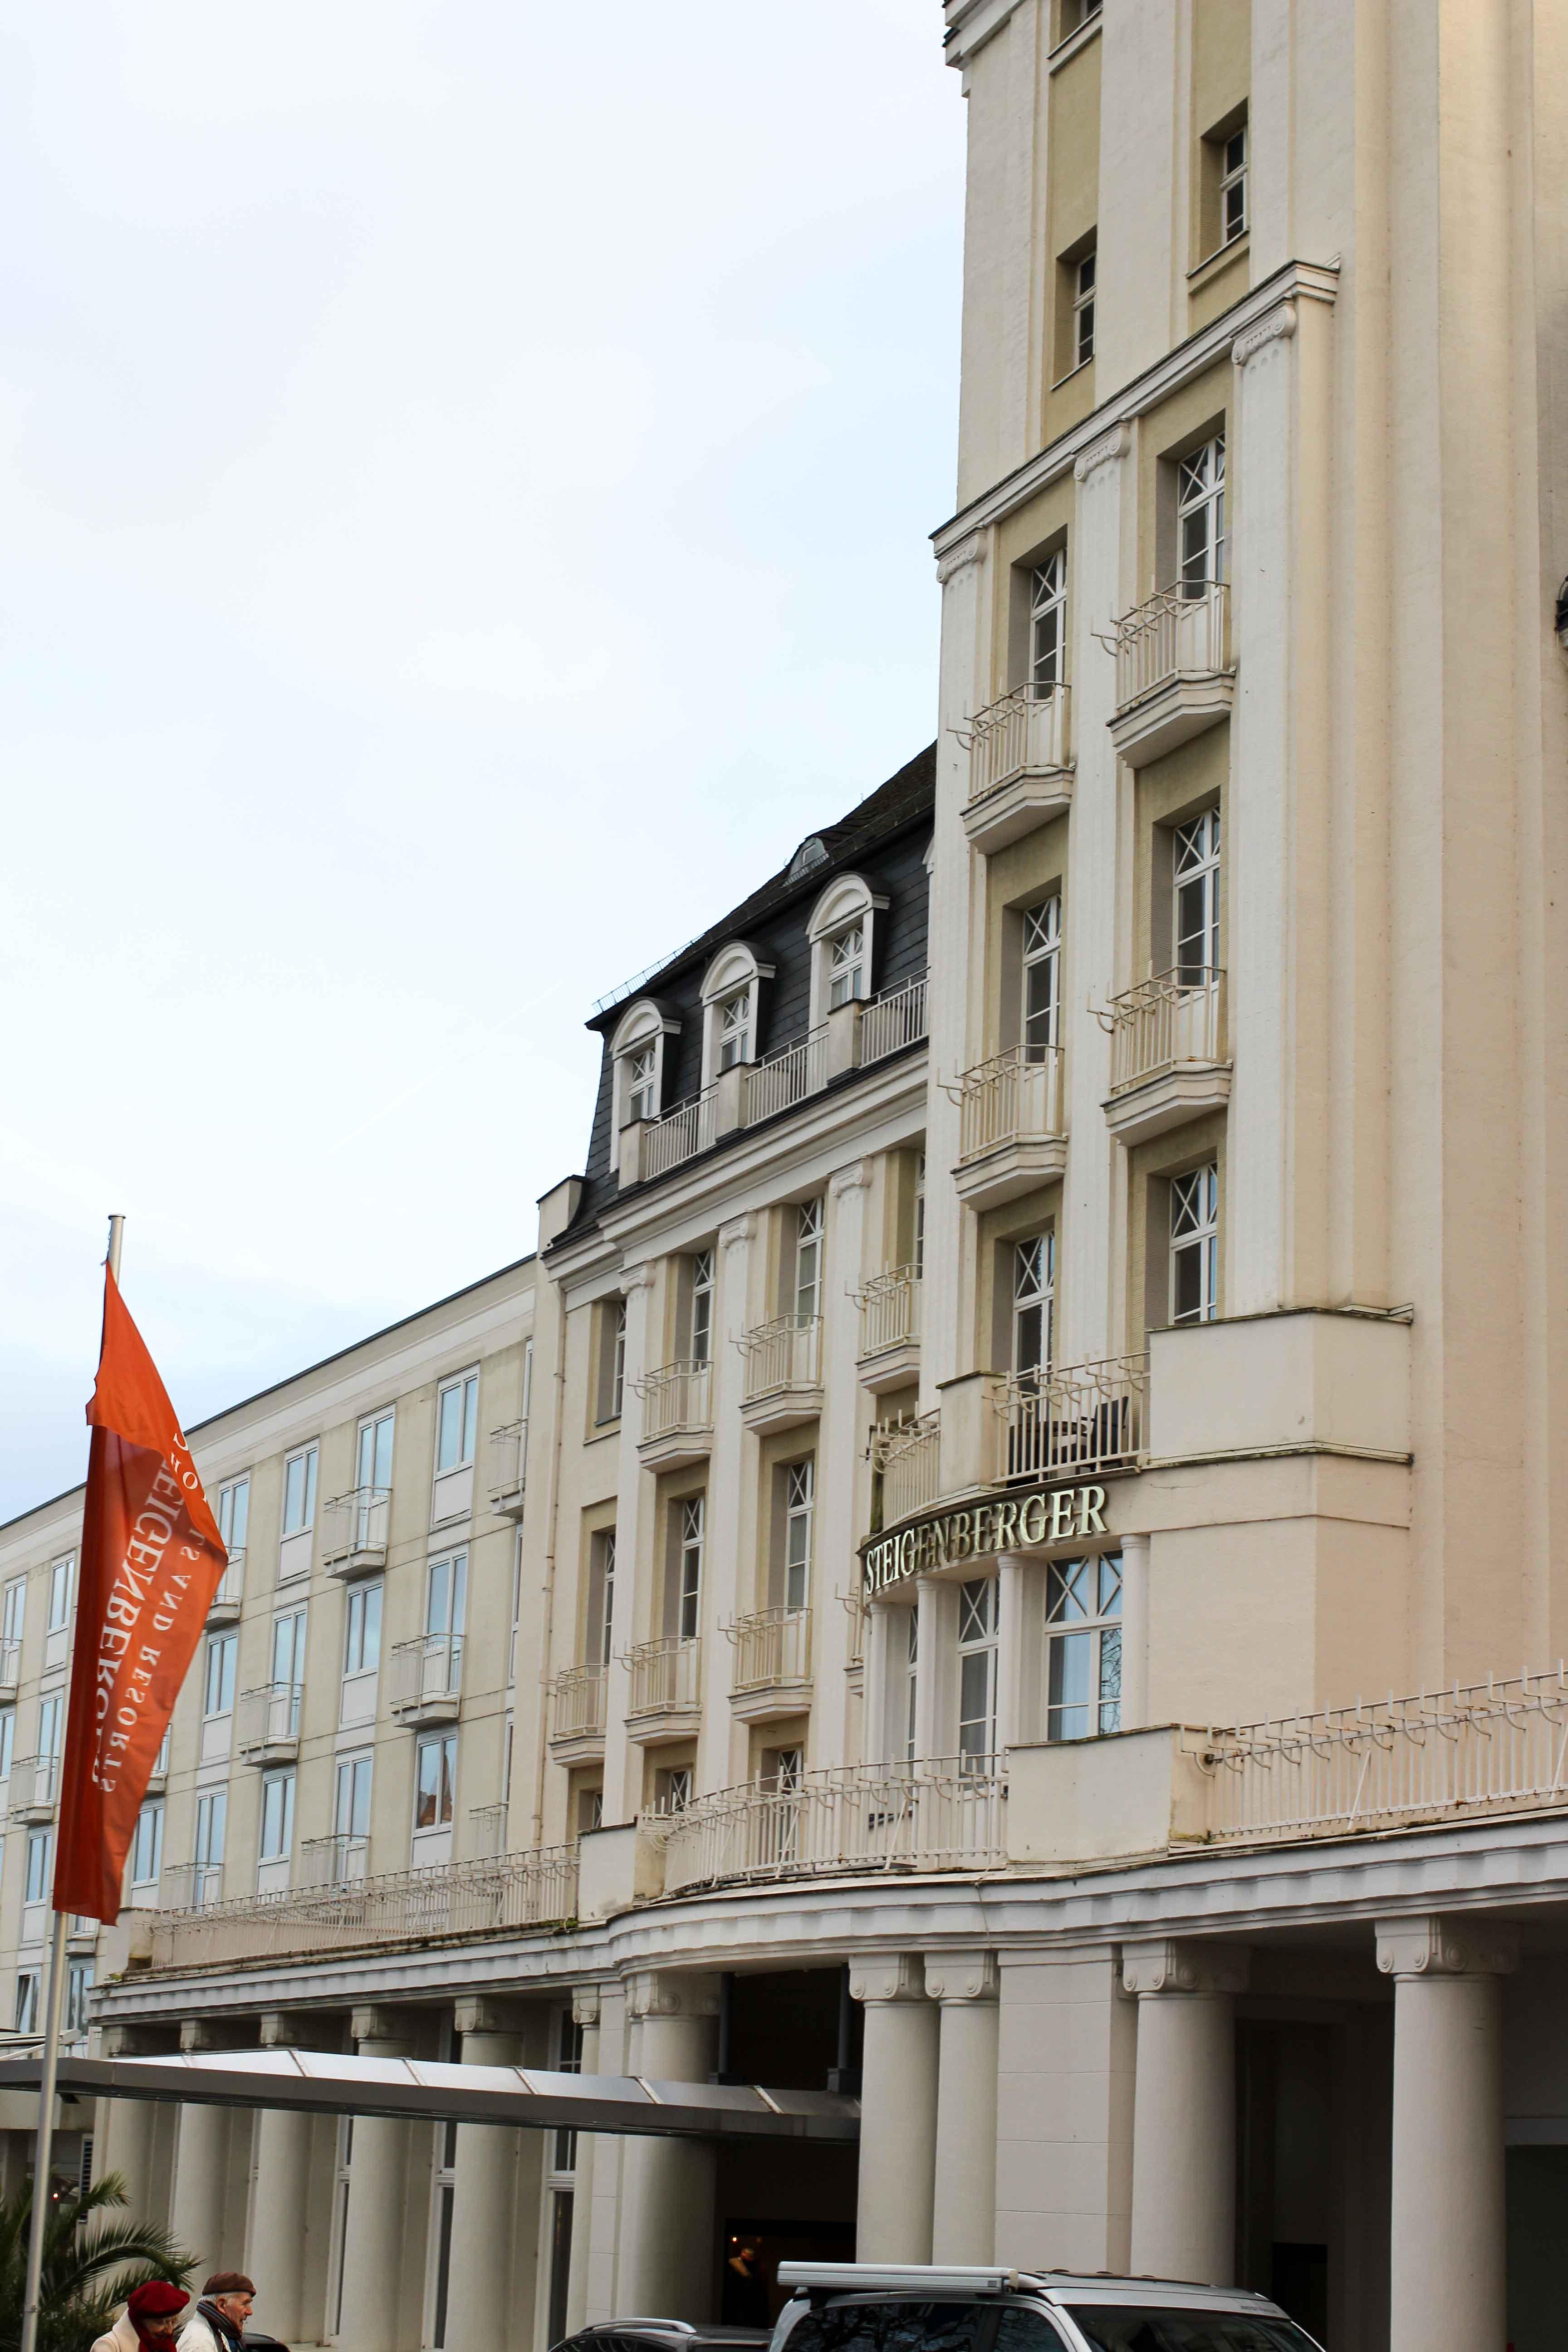 Abendkleider steigenberger hotel koln